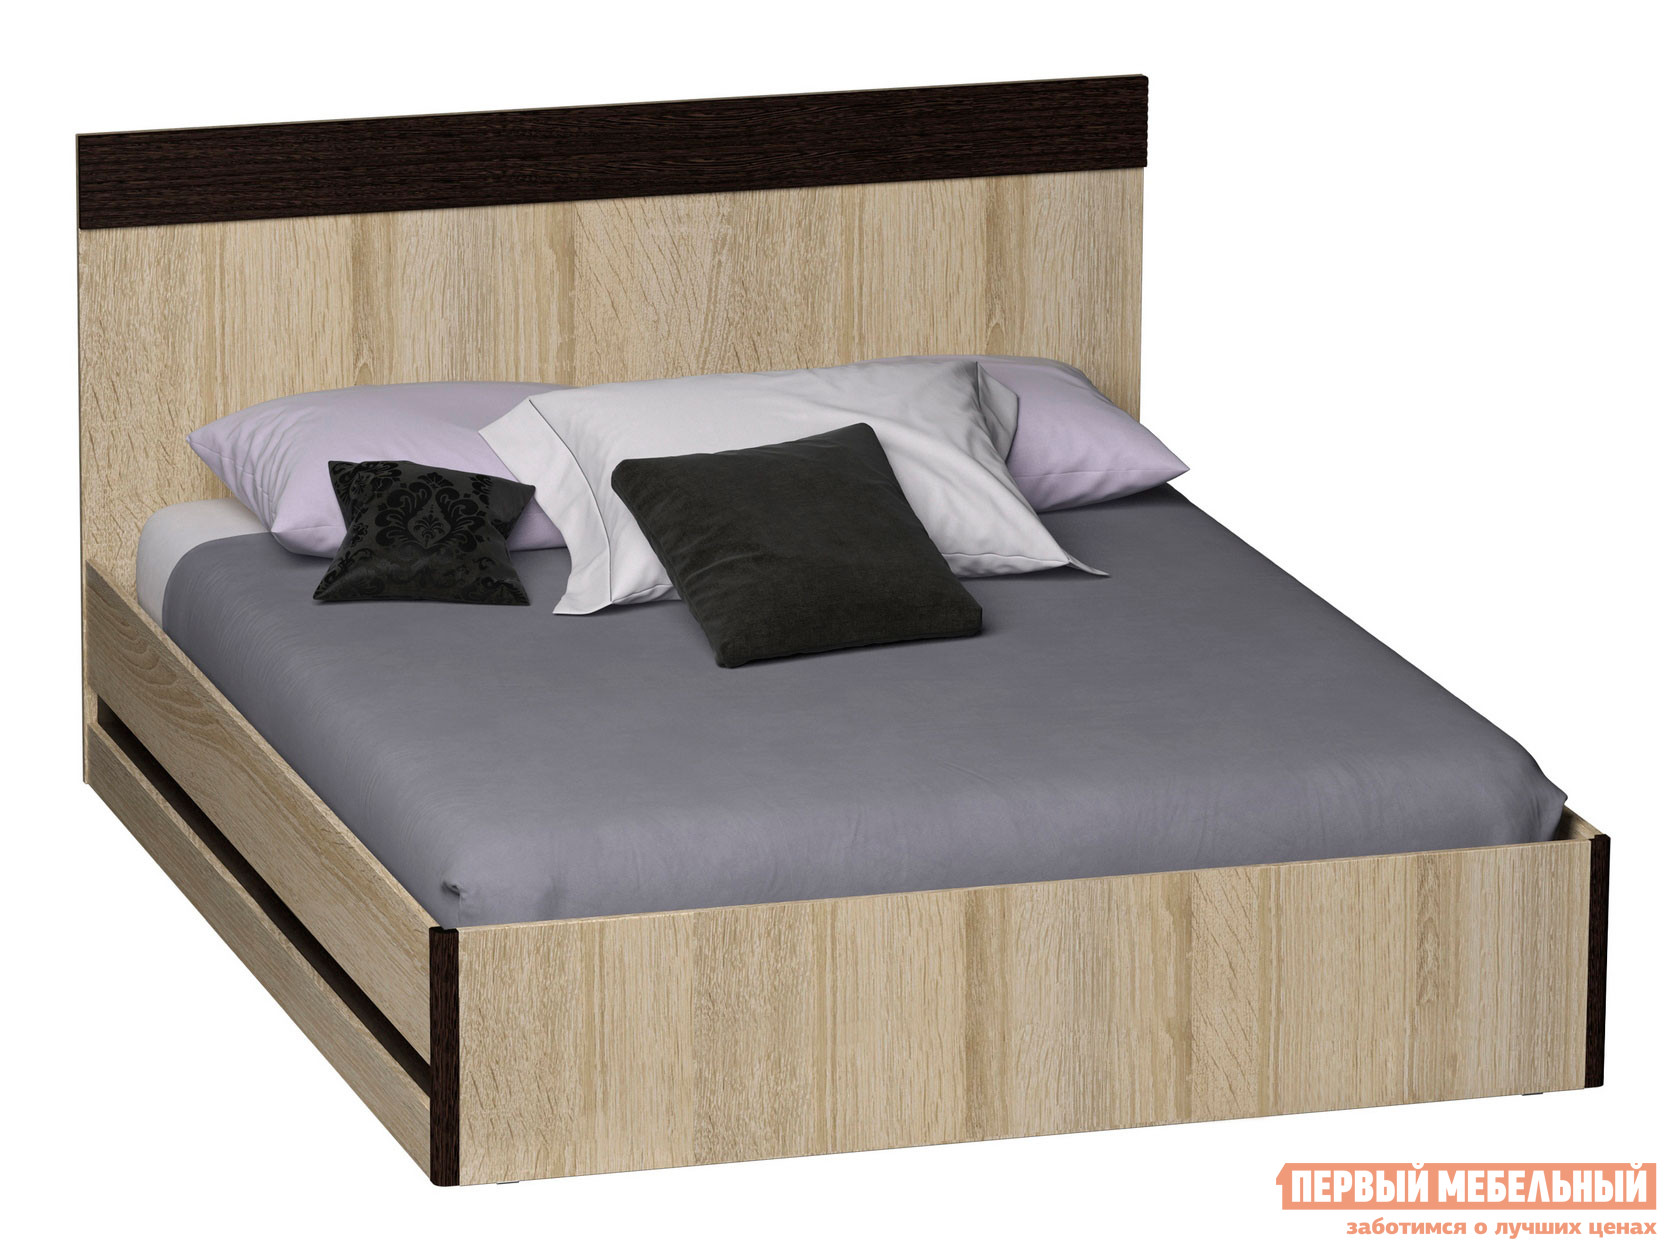 Двуспальная кровать Первый Мебельный Кровать Бланес без ПМ / Кровать Бланес с ПМ двуспальная кровать первый мебельный кровать бланес без пм кровать бланес с пм